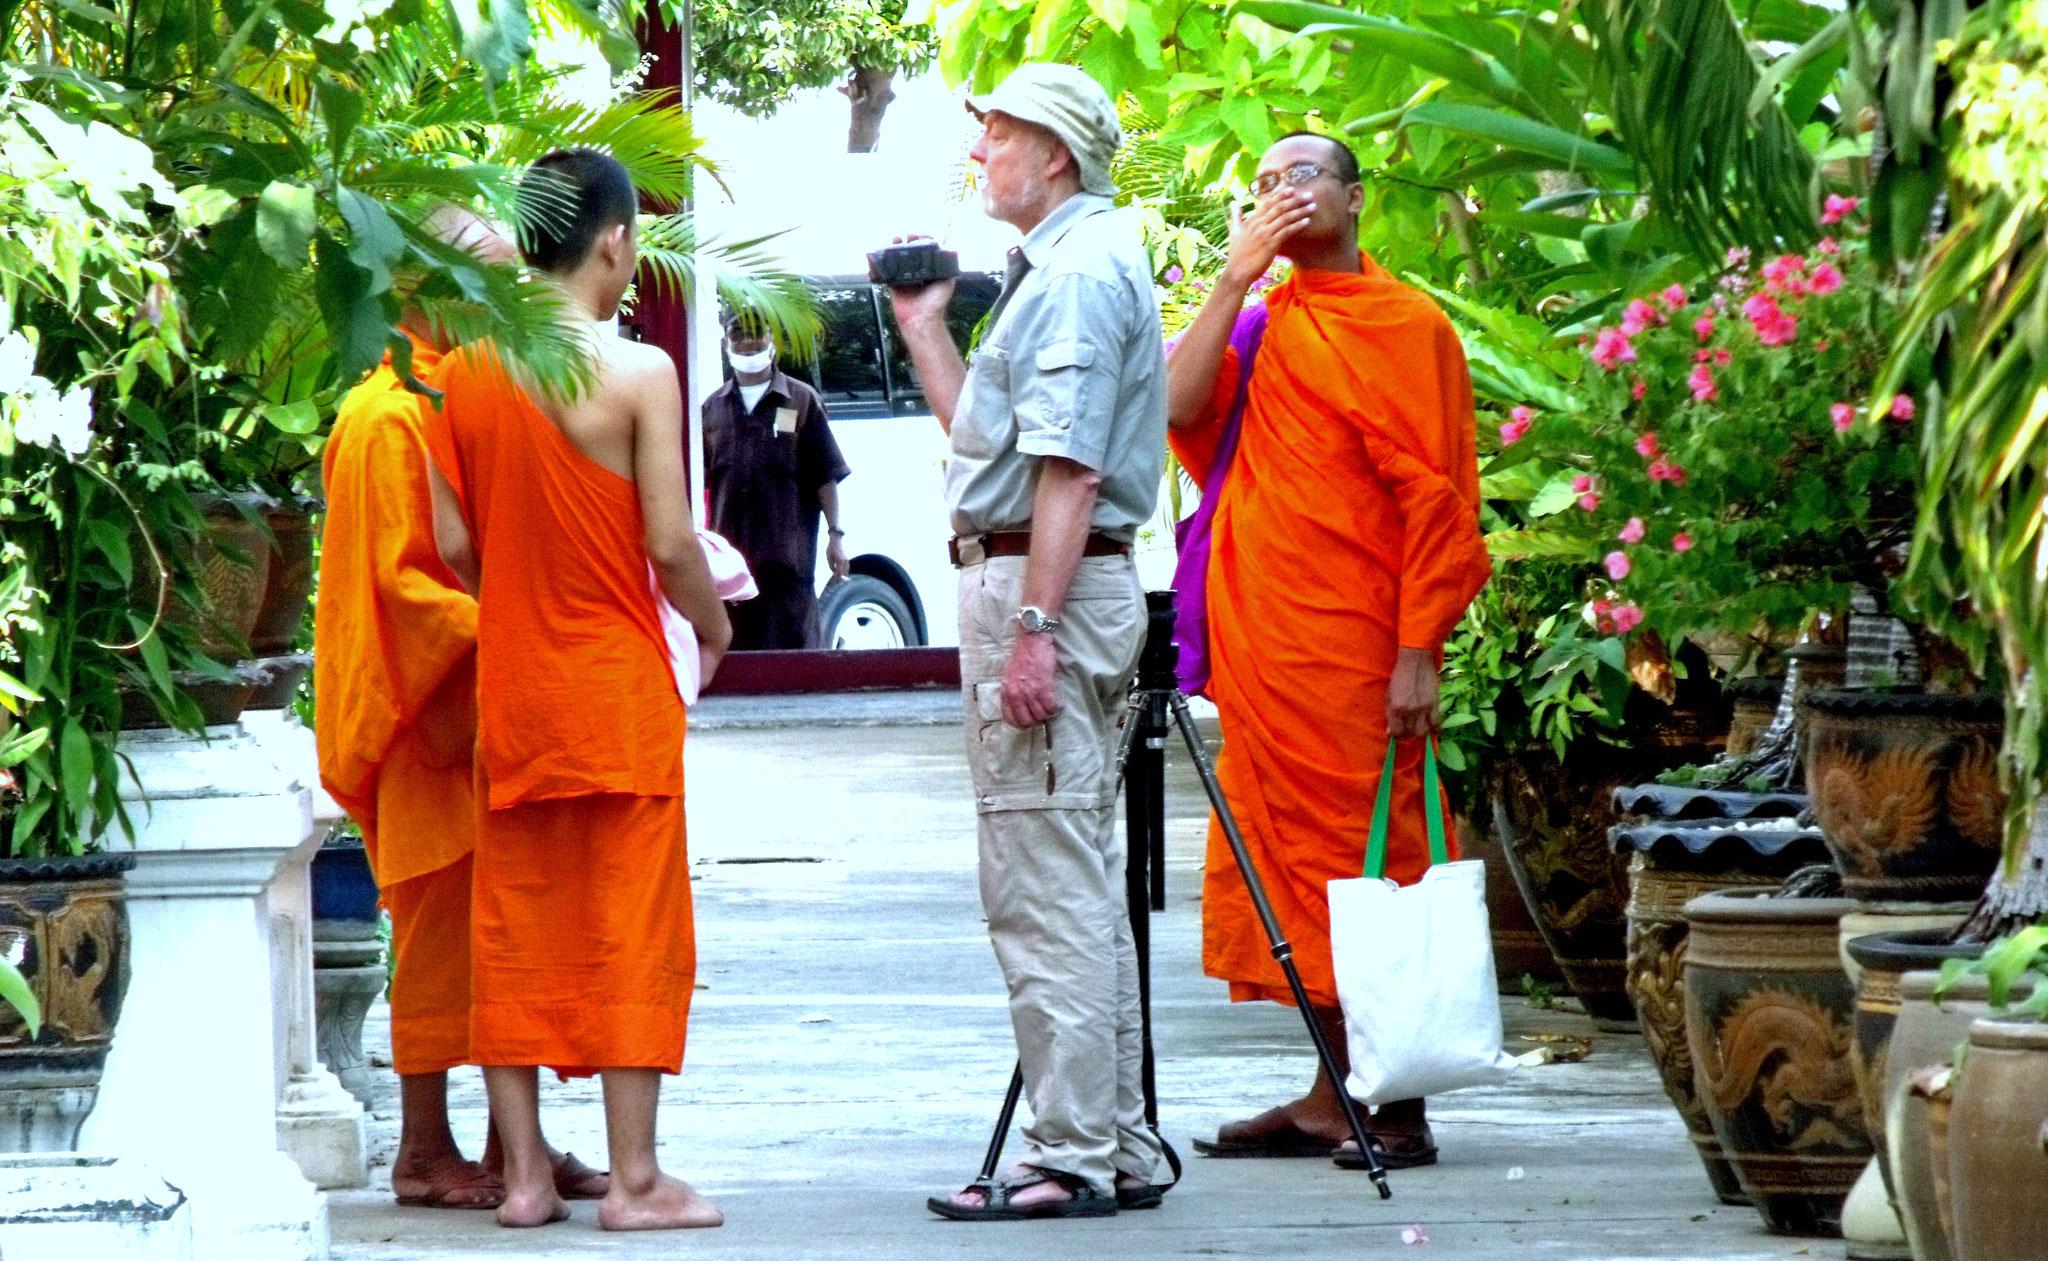 Mönche in Bangkok, zugänglich dem Fremden gegenüber